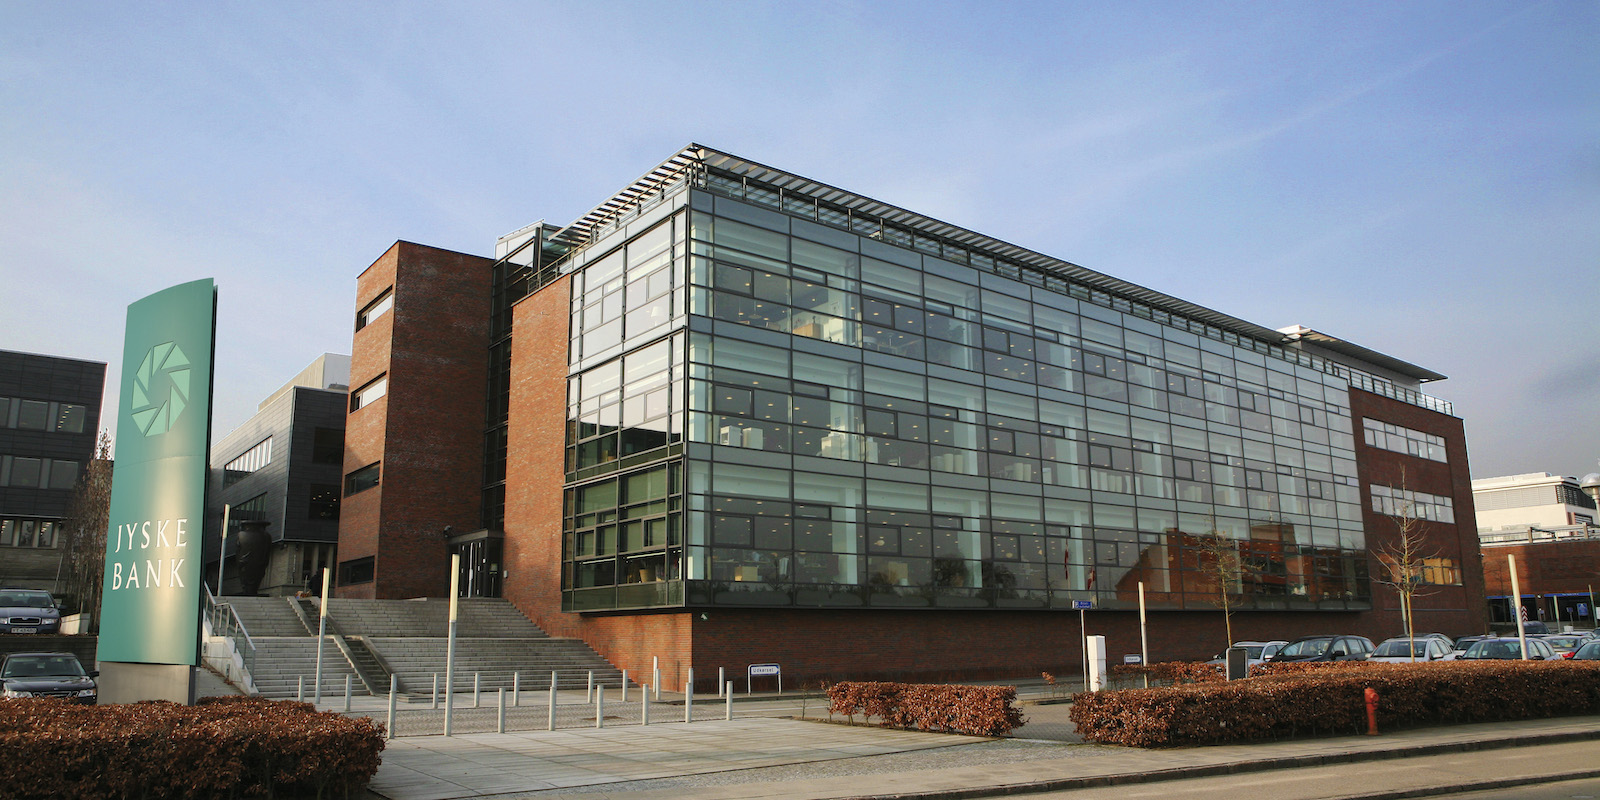 Jyske Bank headquarters Silkeborg